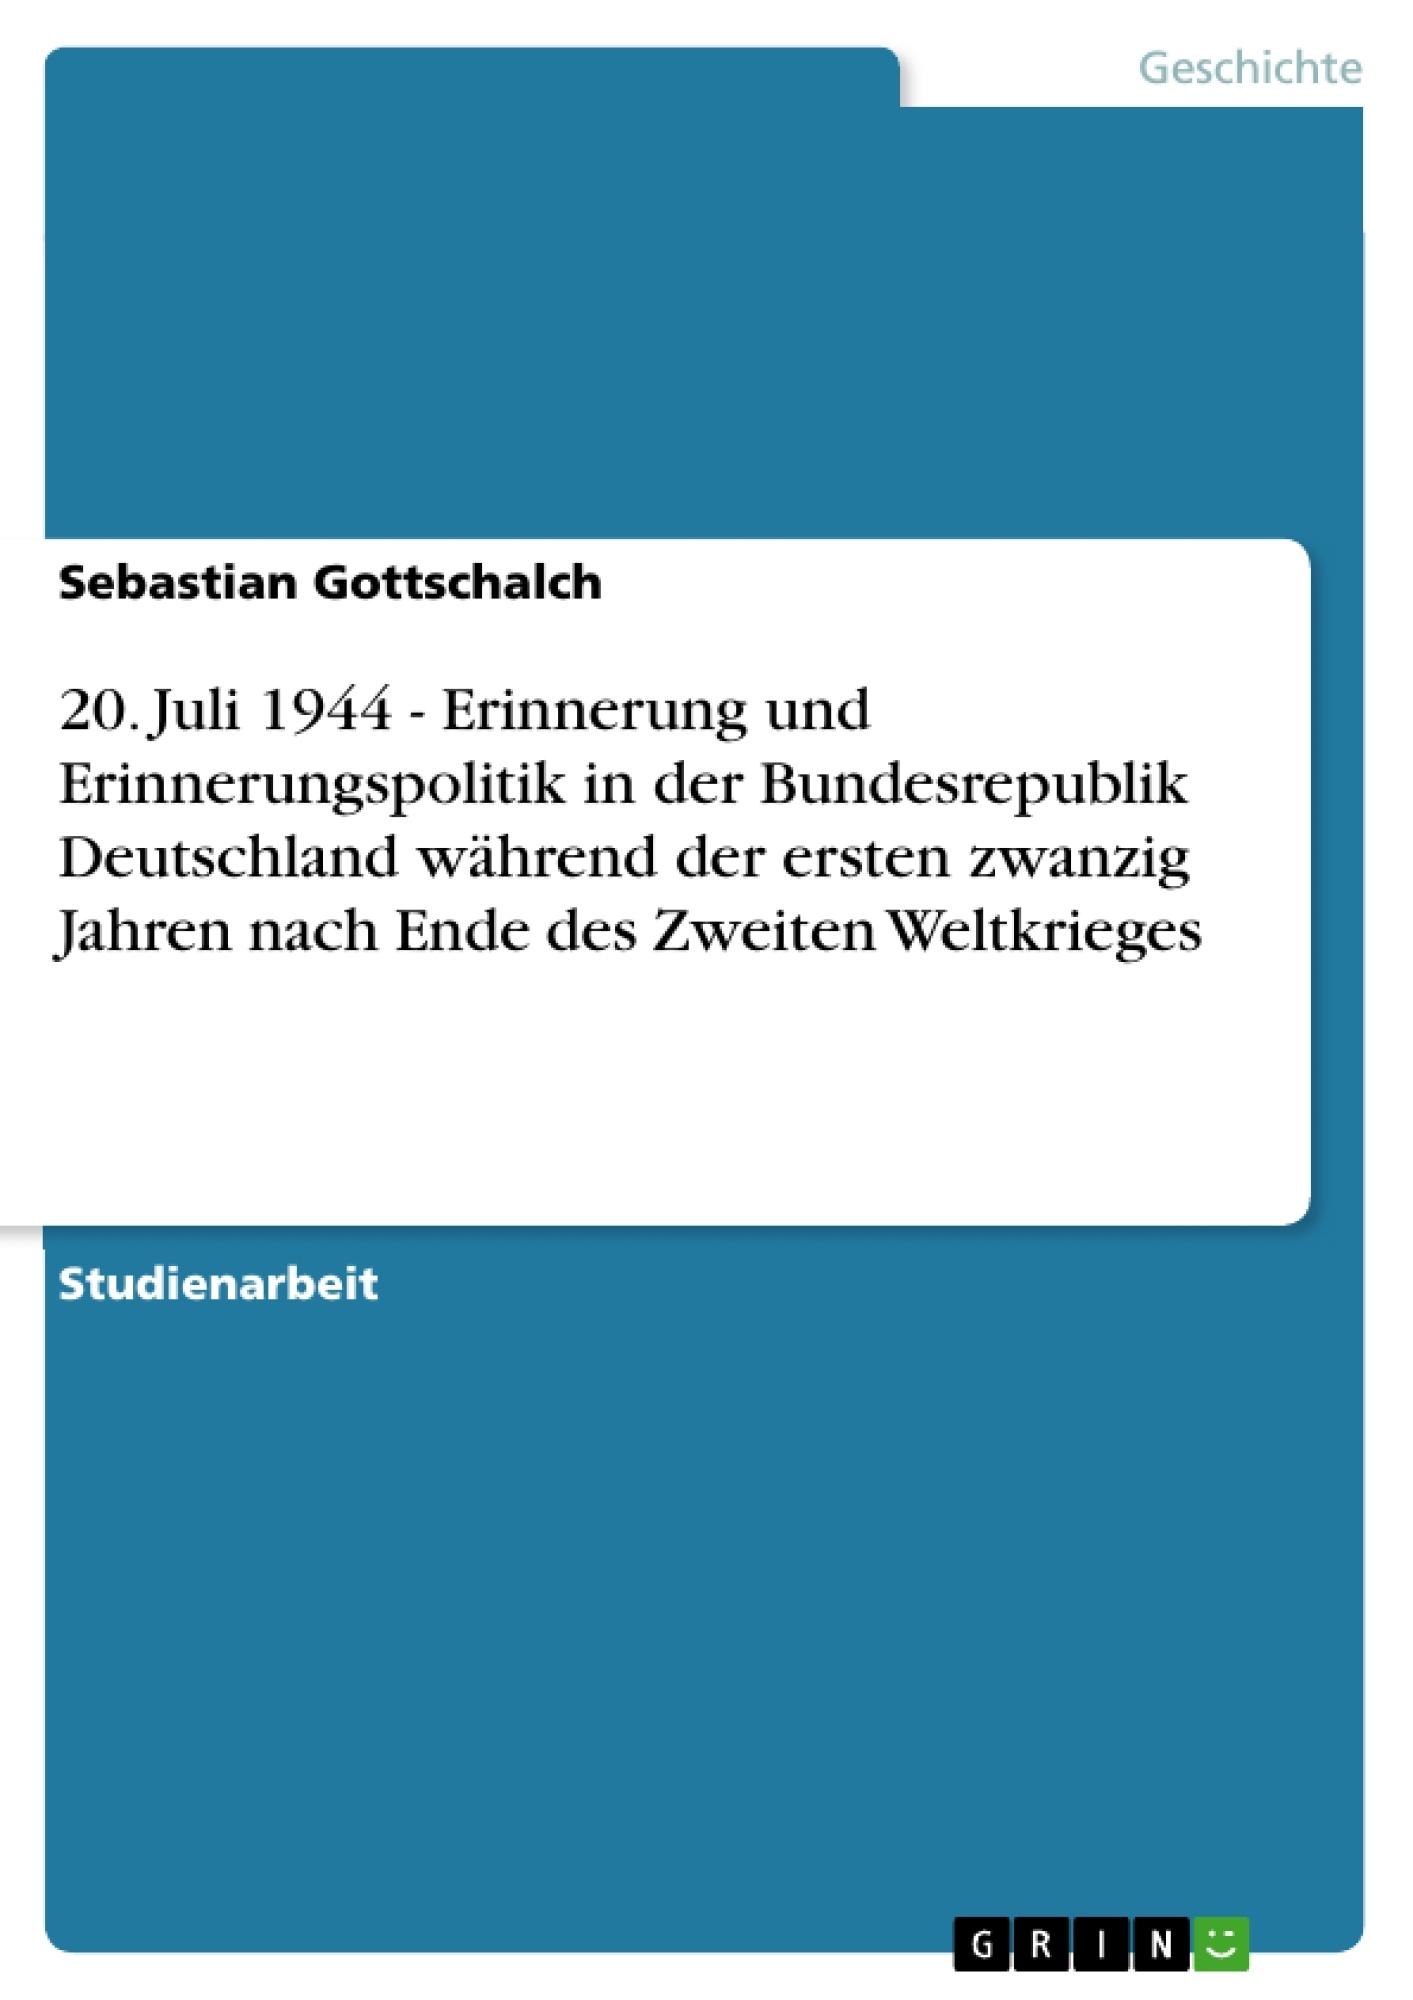 Titel: 20. Juli 1944 - Erinnerung und Erinnerungspolitik in der Bundesrepublik Deutschland während der ersten zwanzig Jahren nach Ende des Zweiten Weltkrieges